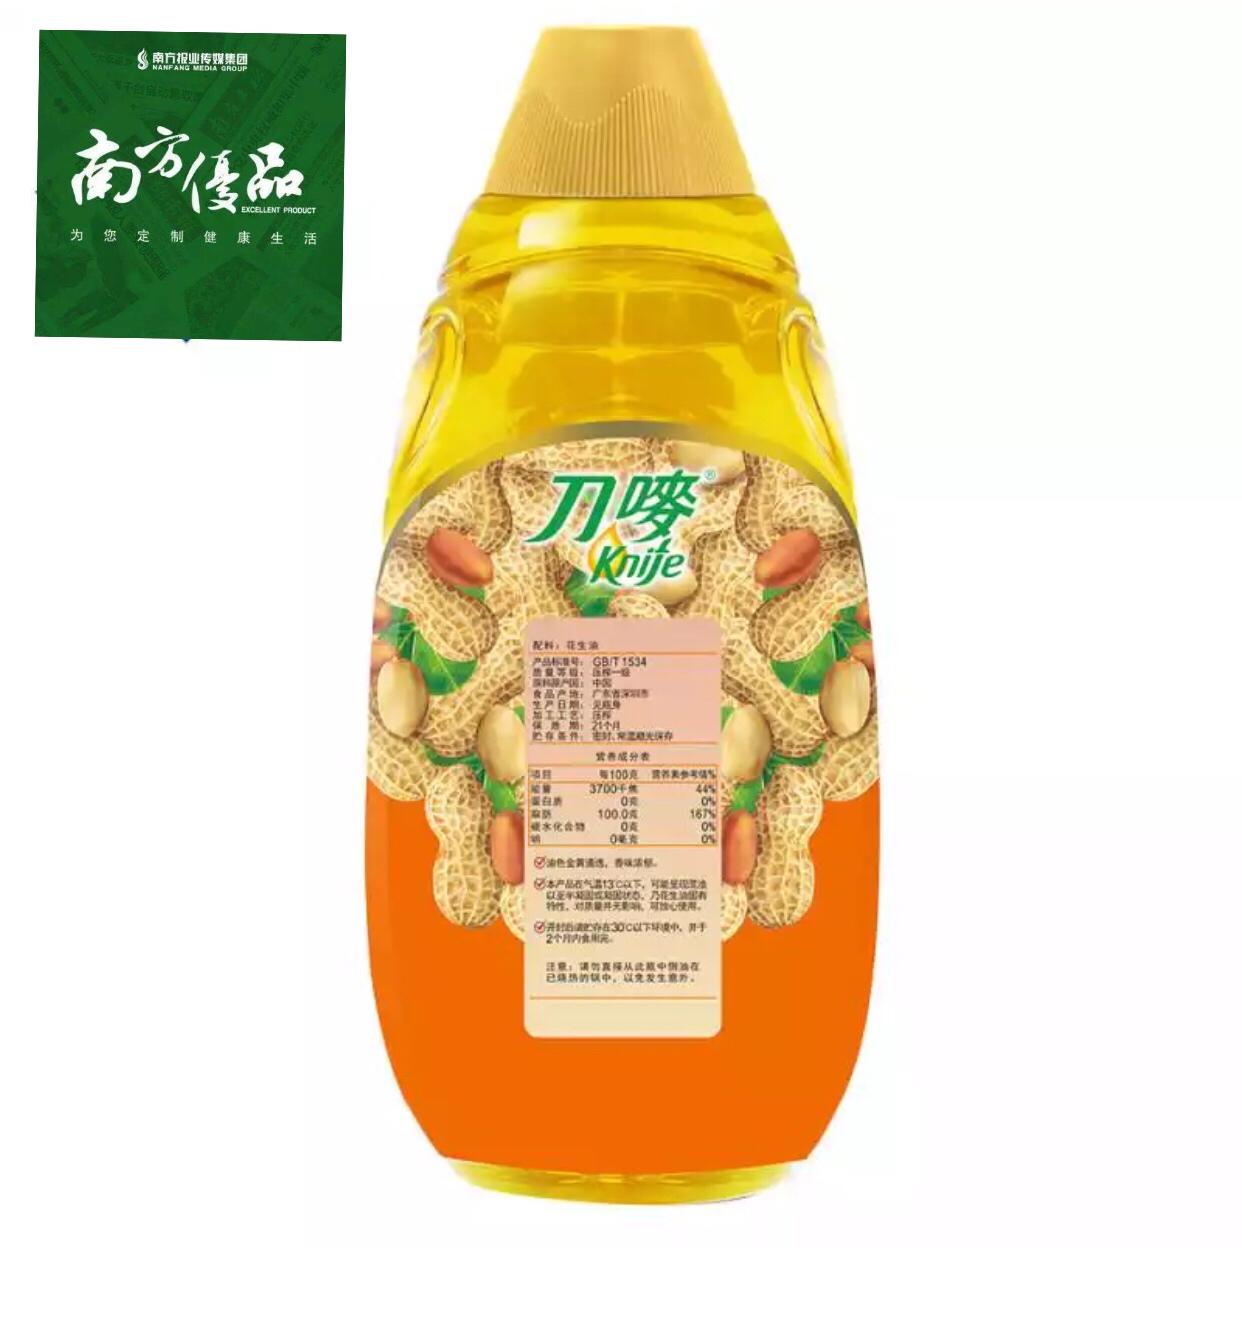 【珠三角包邮】刀唛 花生油  5L/桶  (次日到货) 商品图1